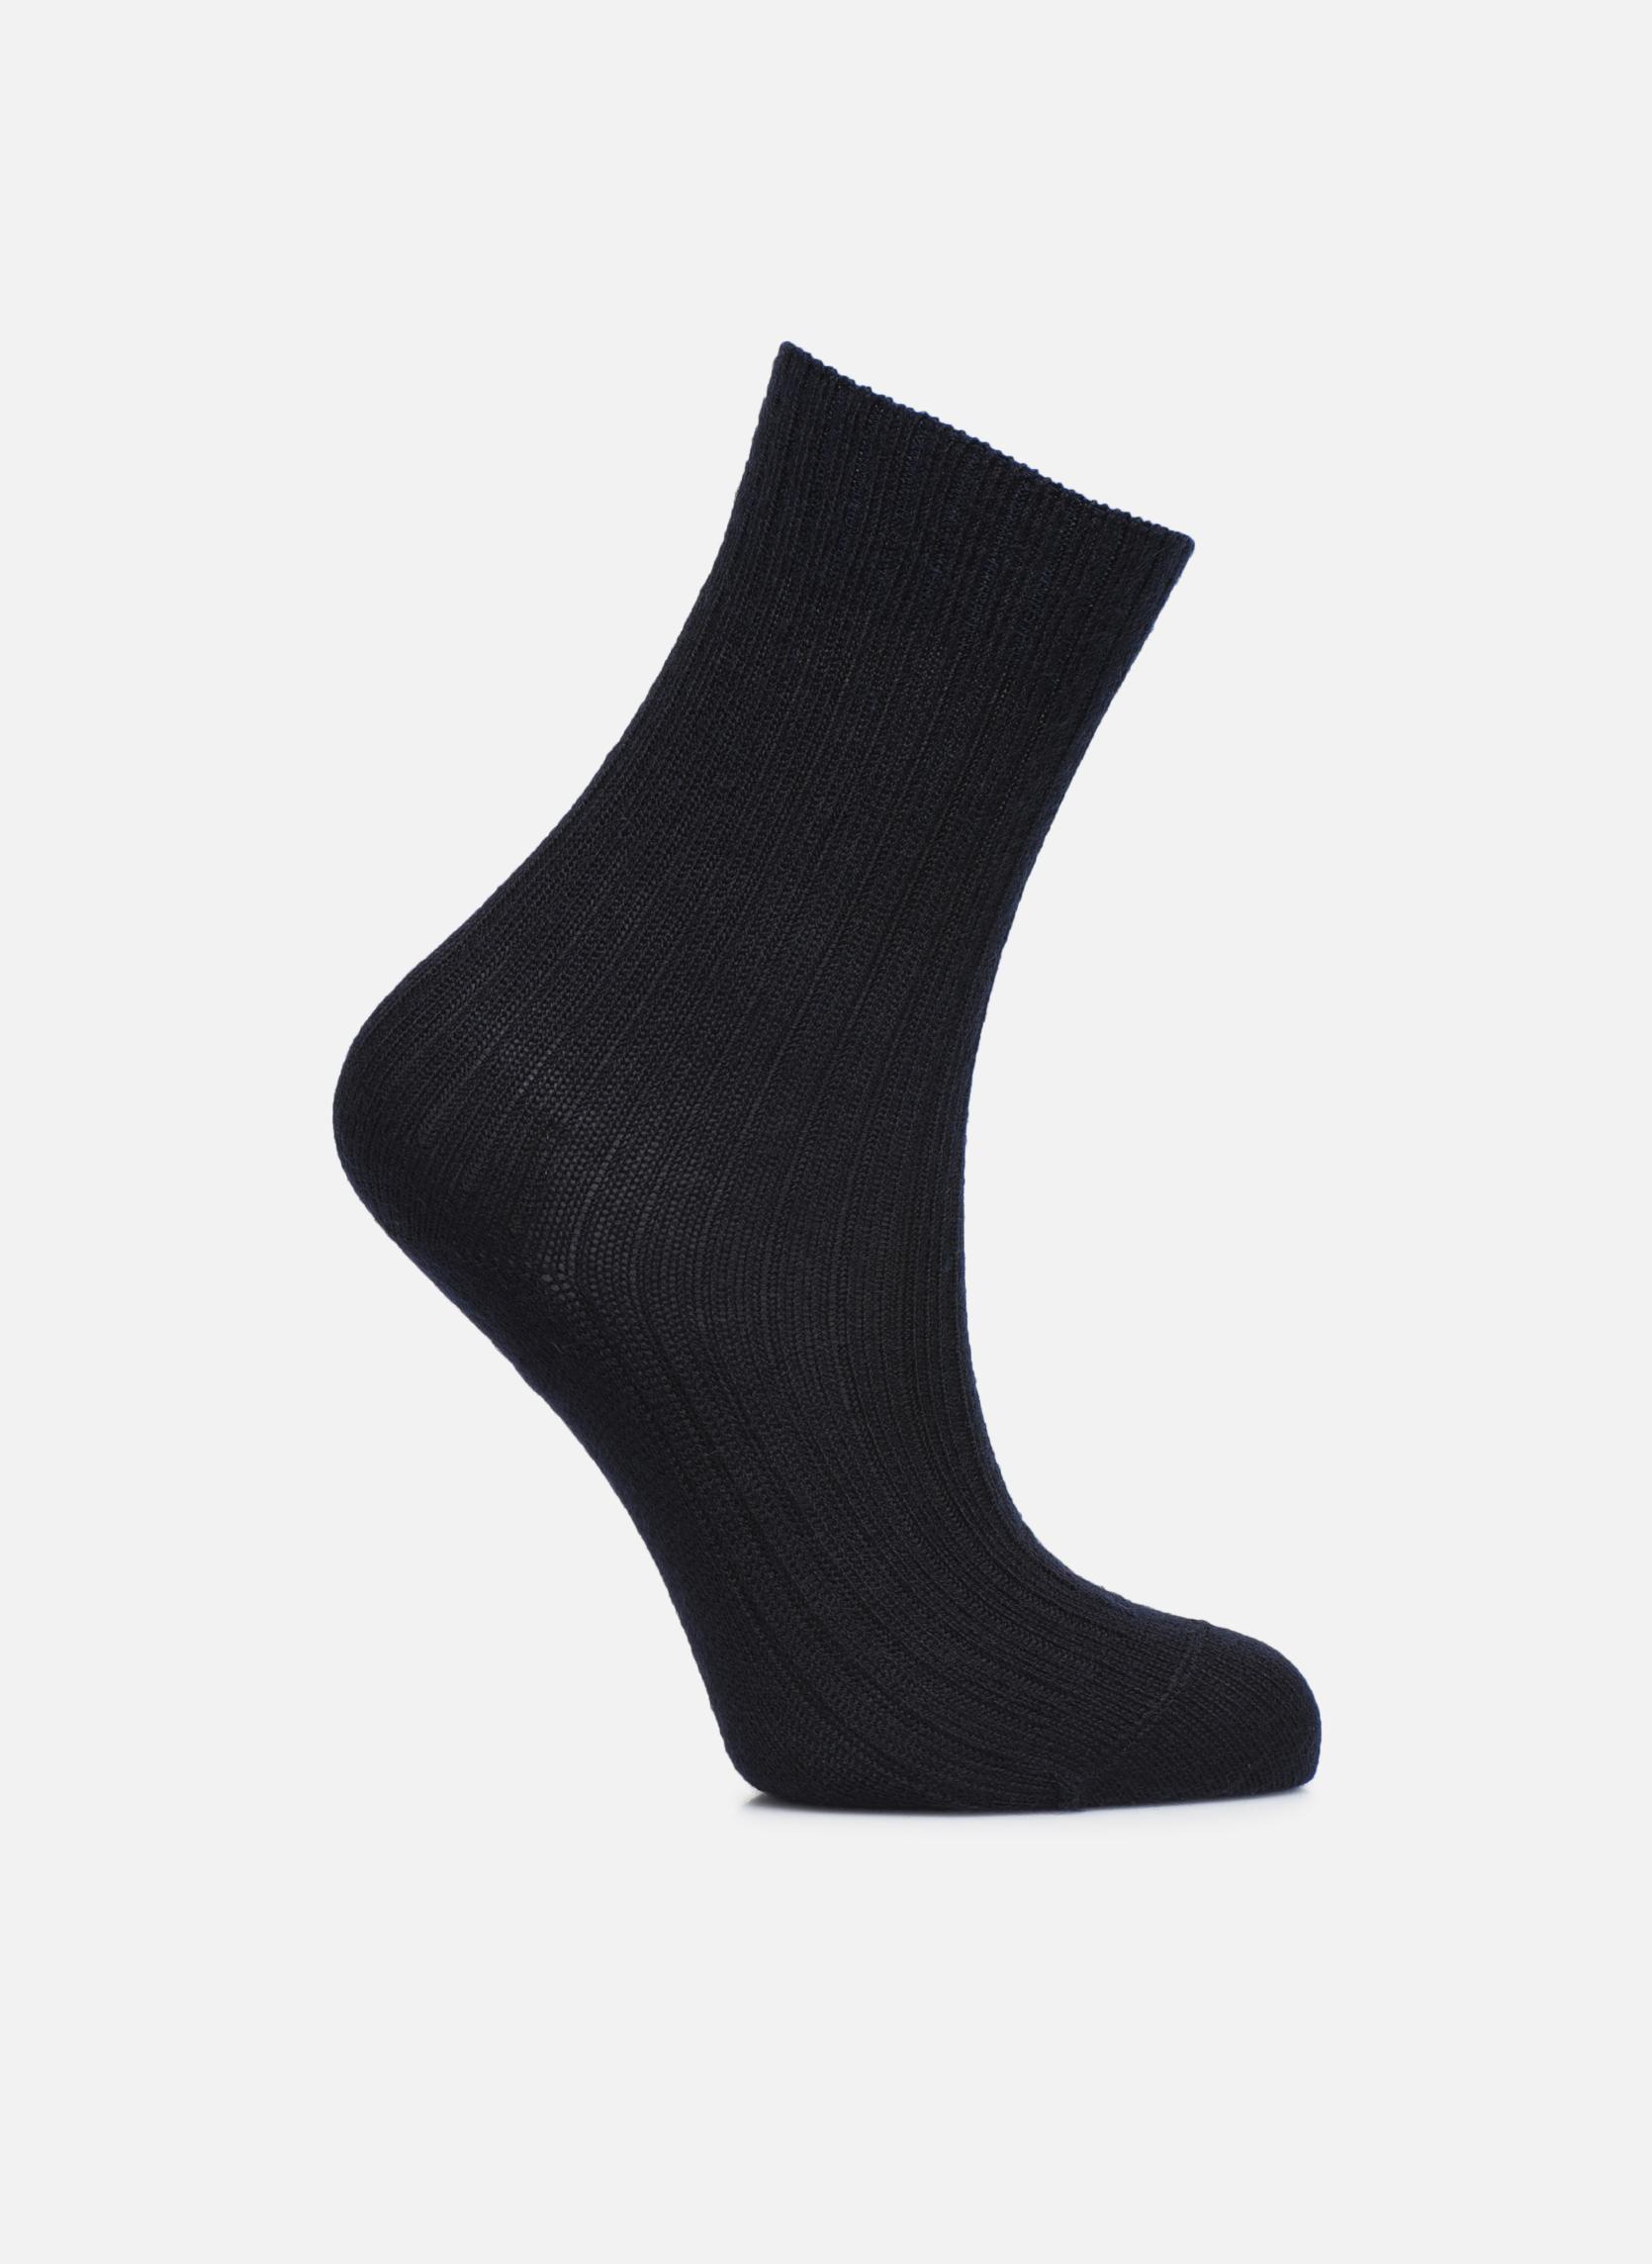 Socks AVENTURE 459 - marine